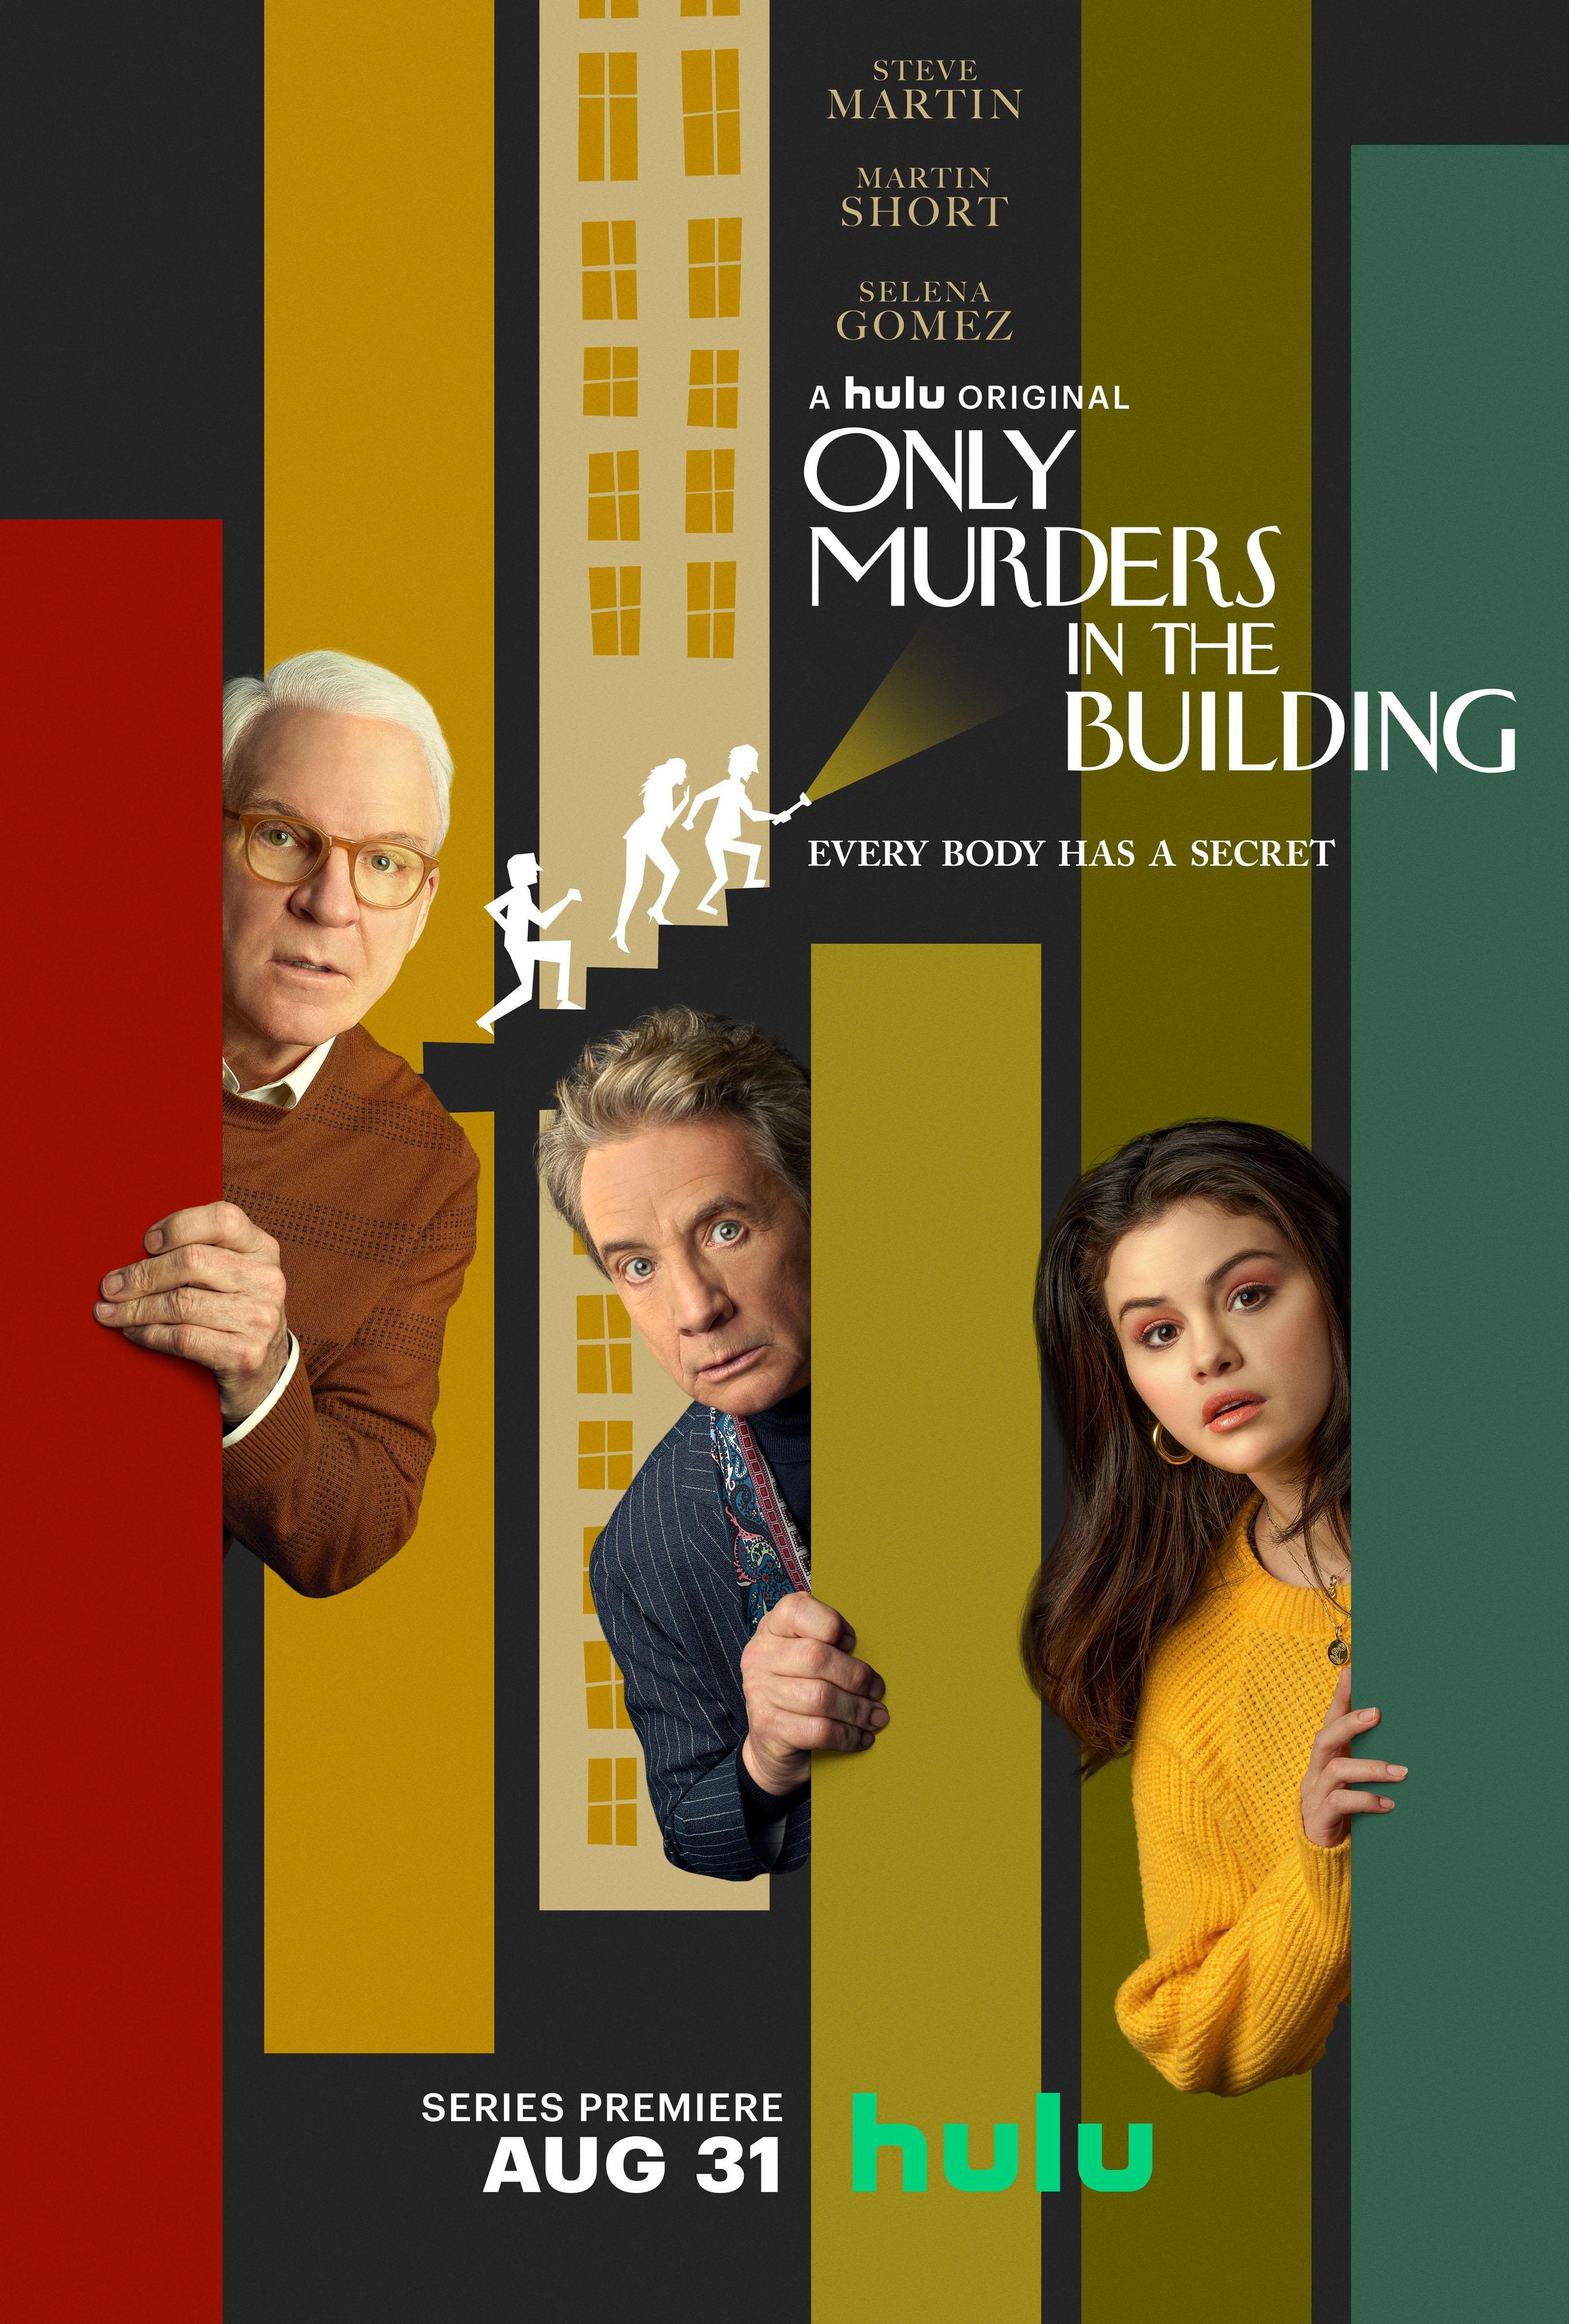 Одна тайна раскрыта — Hulu продлили «Убийства в одном здании» на 2 сезон